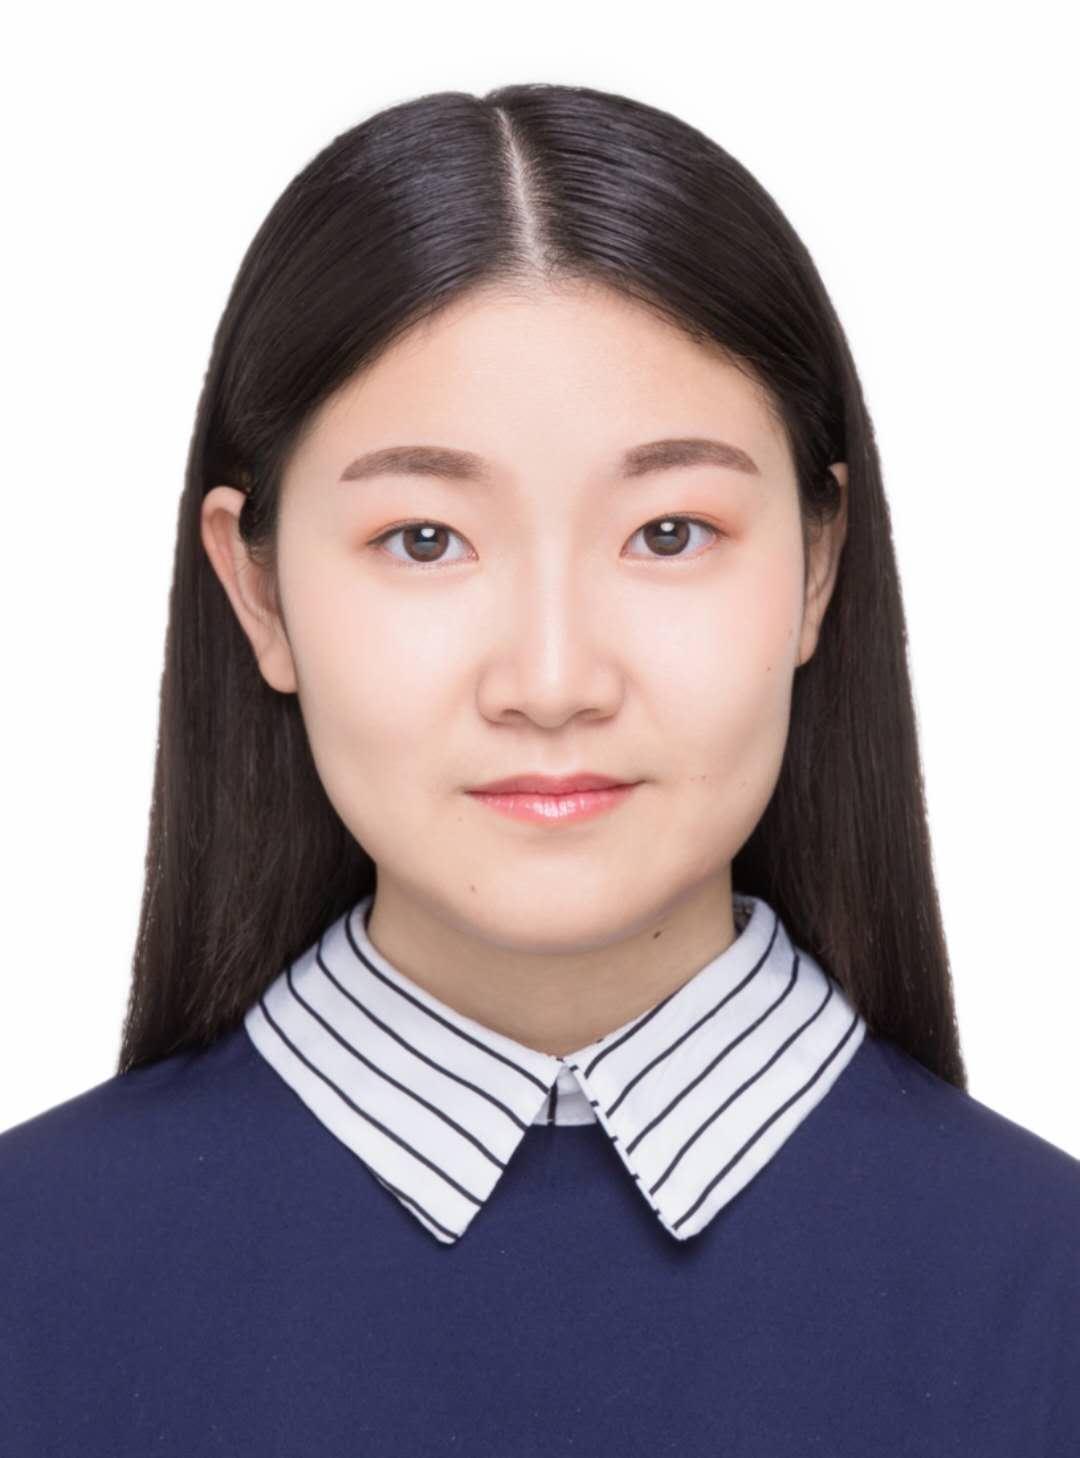 18届-贺诗雨